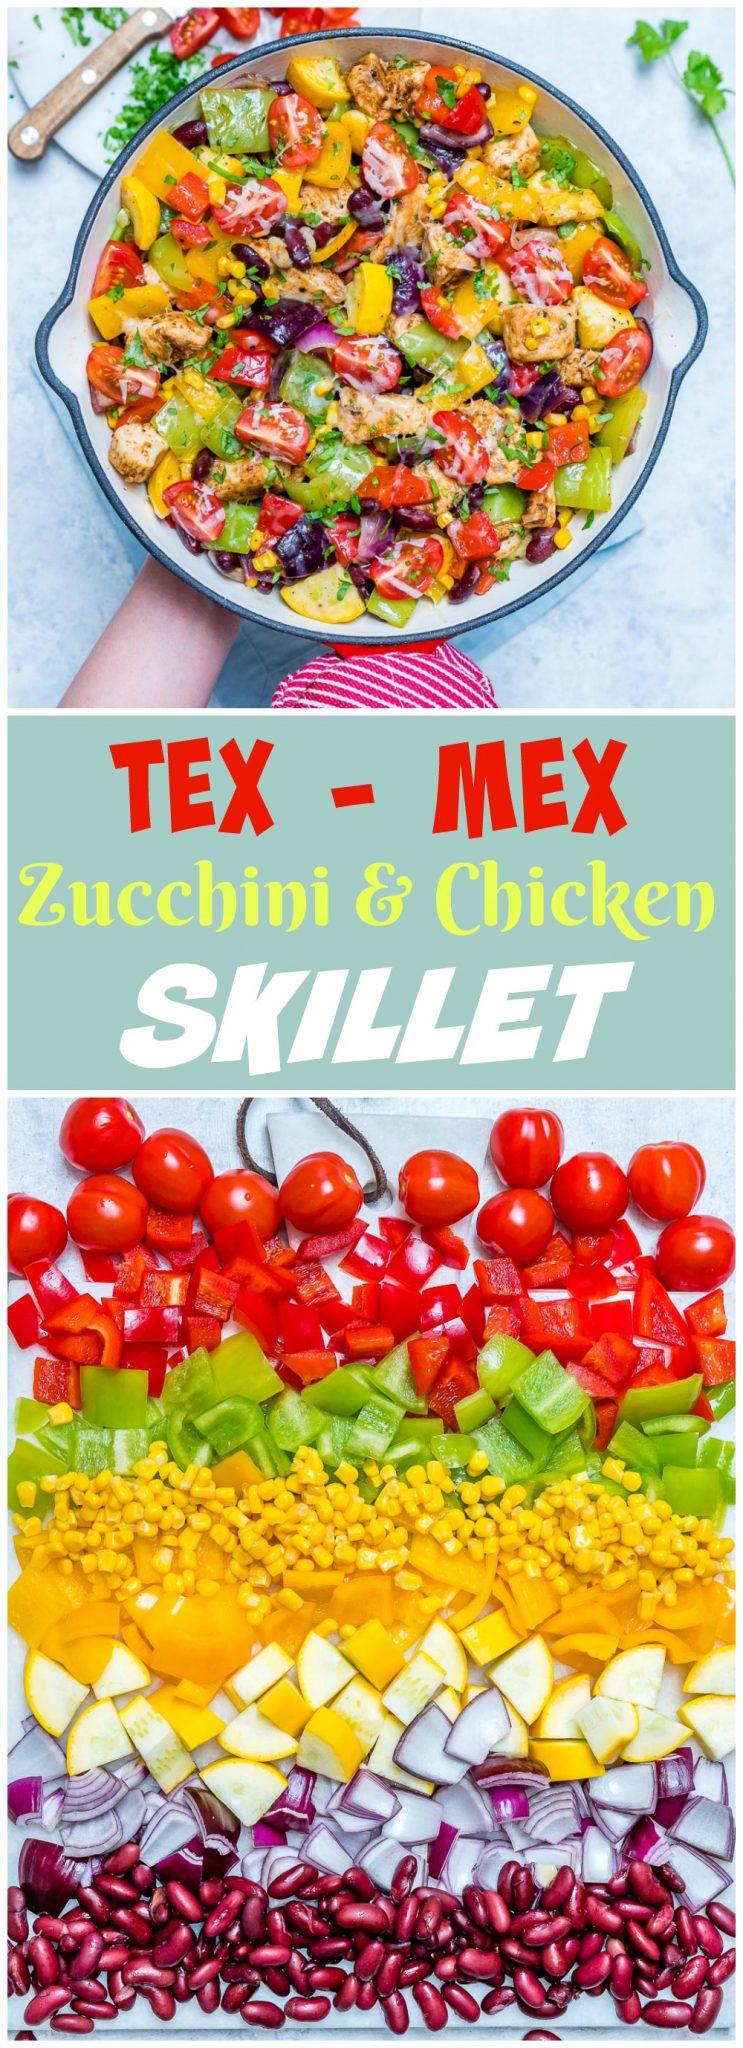 CleanFoodCrush Tex Mex Zucchini Chicken Skillet